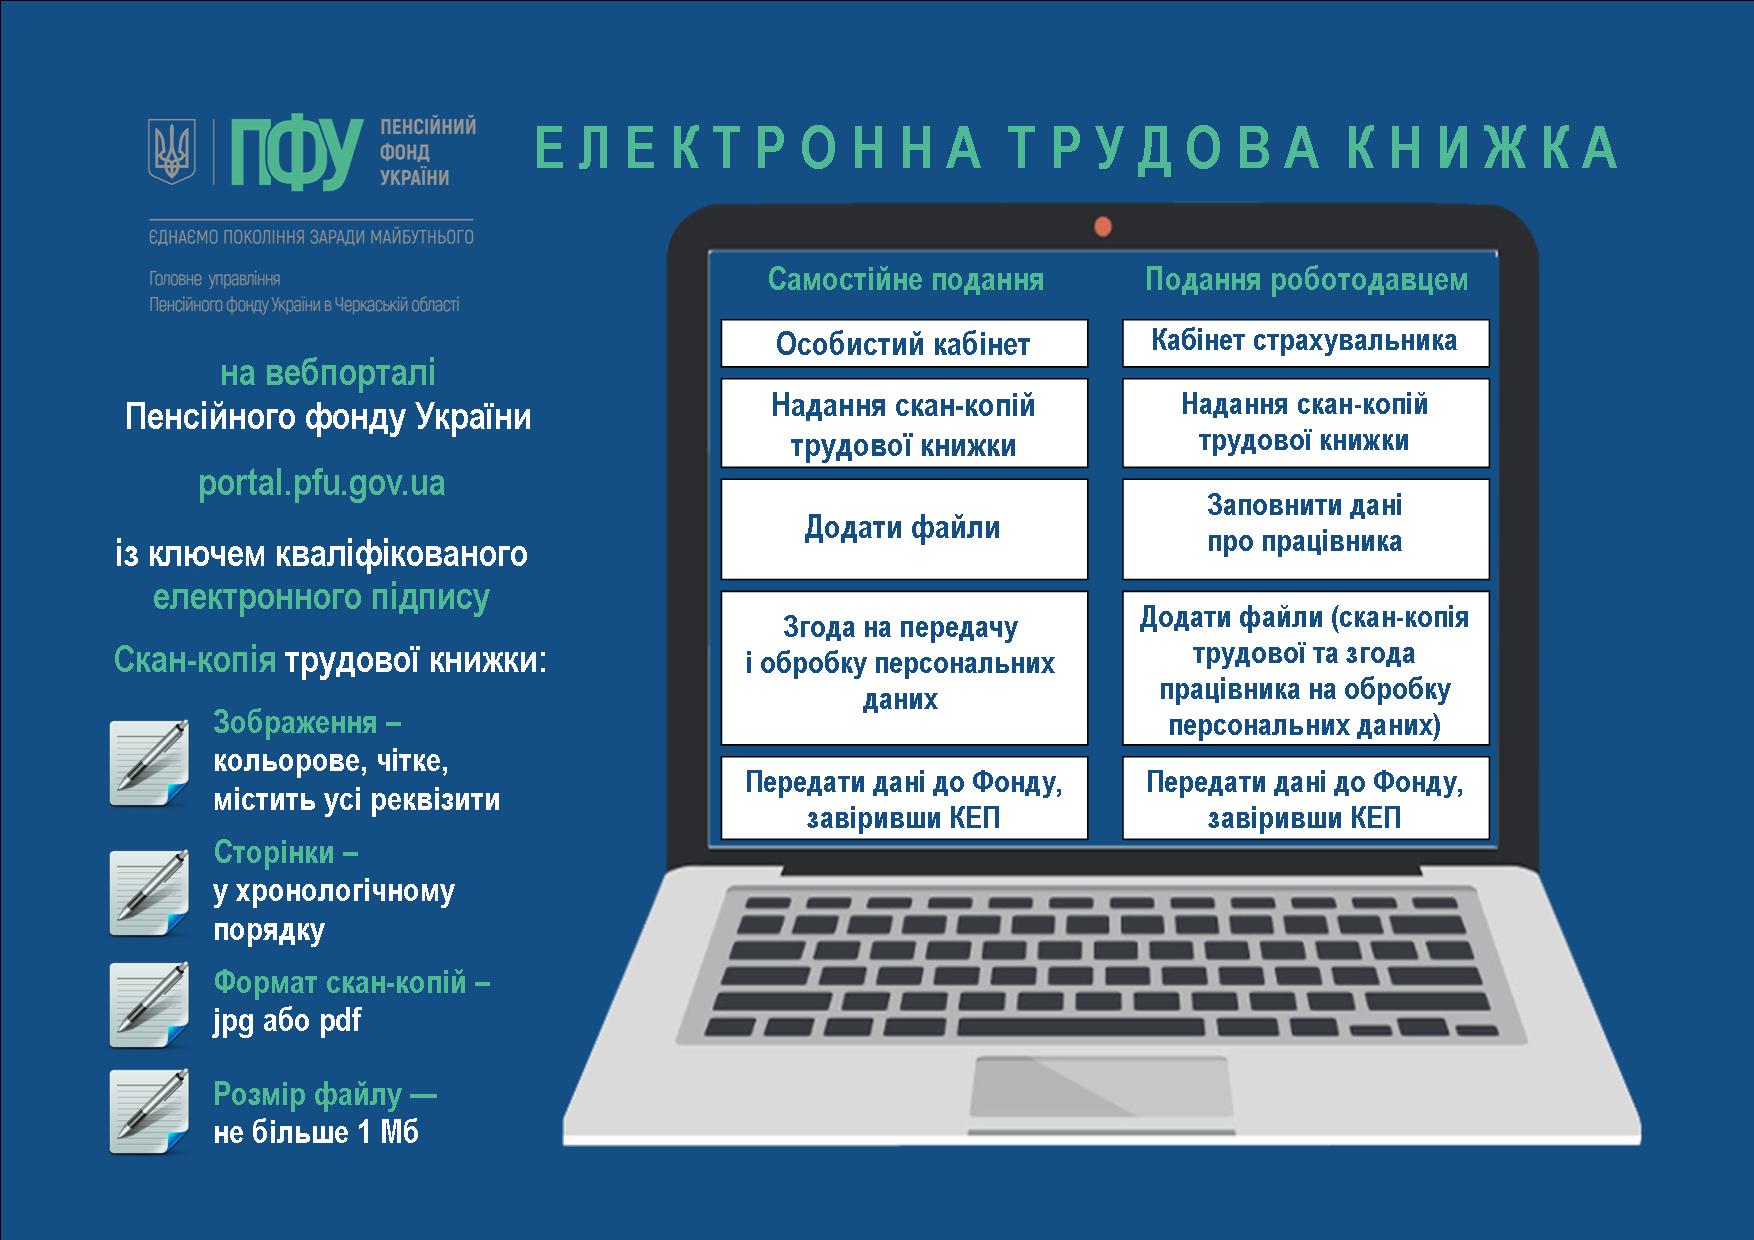 Закон про електронні трудові книжки набуває чинності з 10 червня